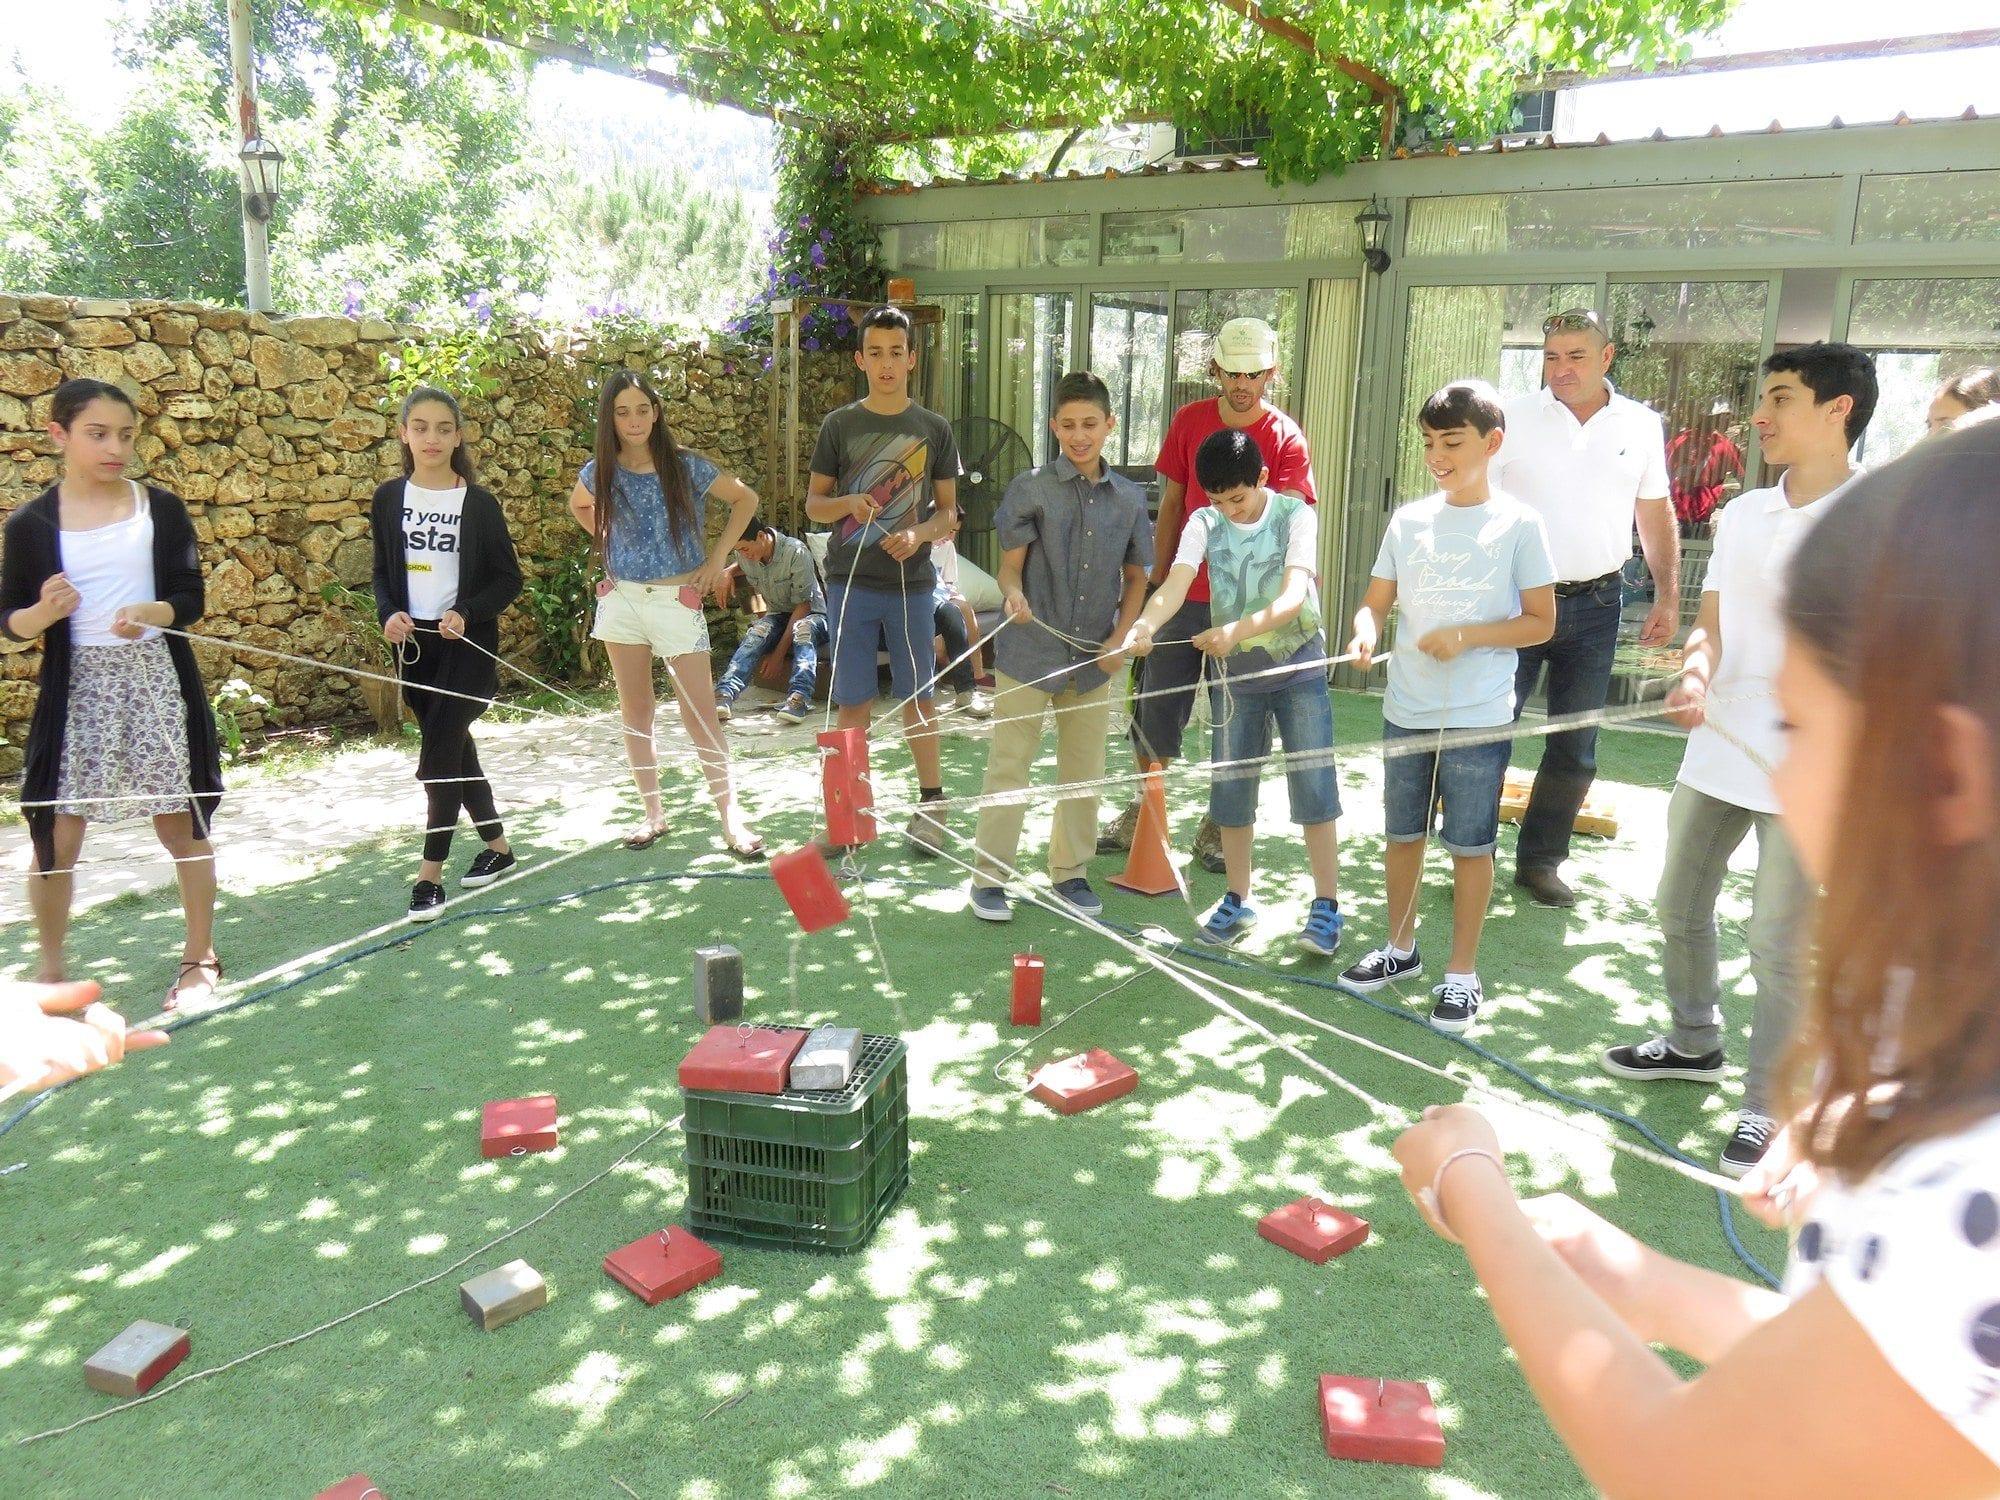 משחקי שיתוף פעולה - בר מצווה - ערוצים בטבע